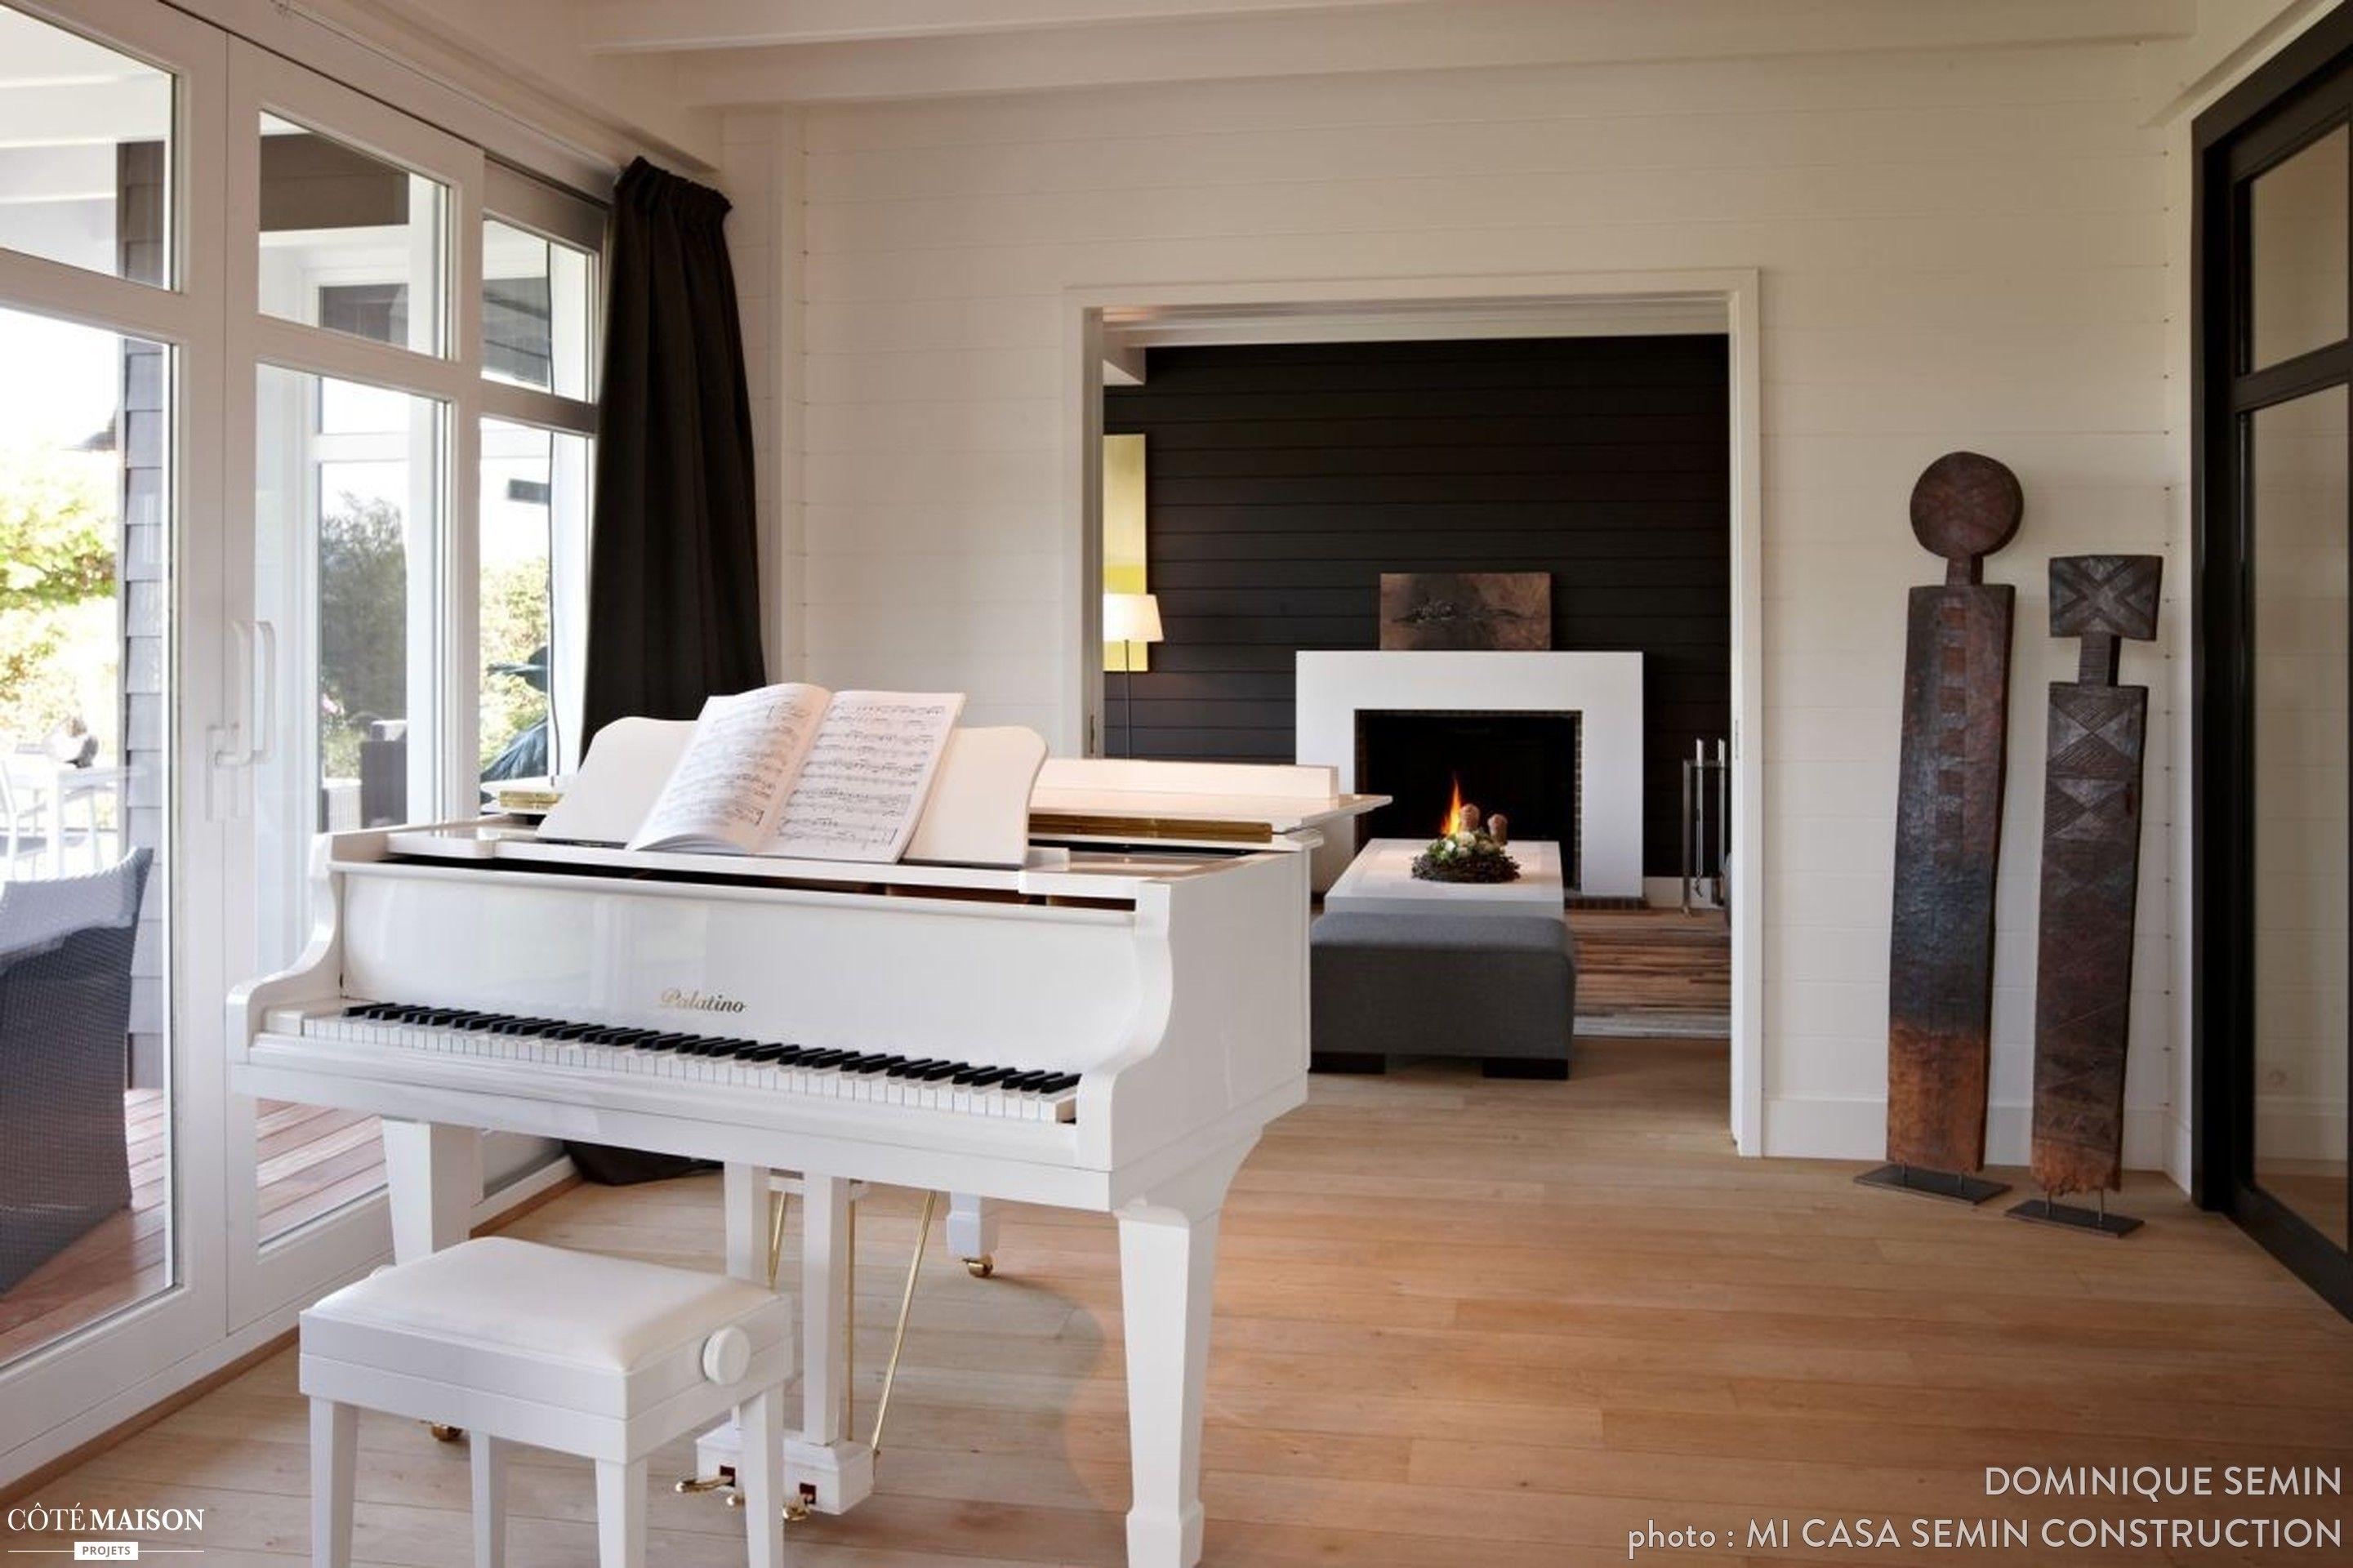 une salle de musique ouverte qui se r chauffe gr ce la chemin e dans l 39 autre pi ce maison. Black Bedroom Furniture Sets. Home Design Ideas